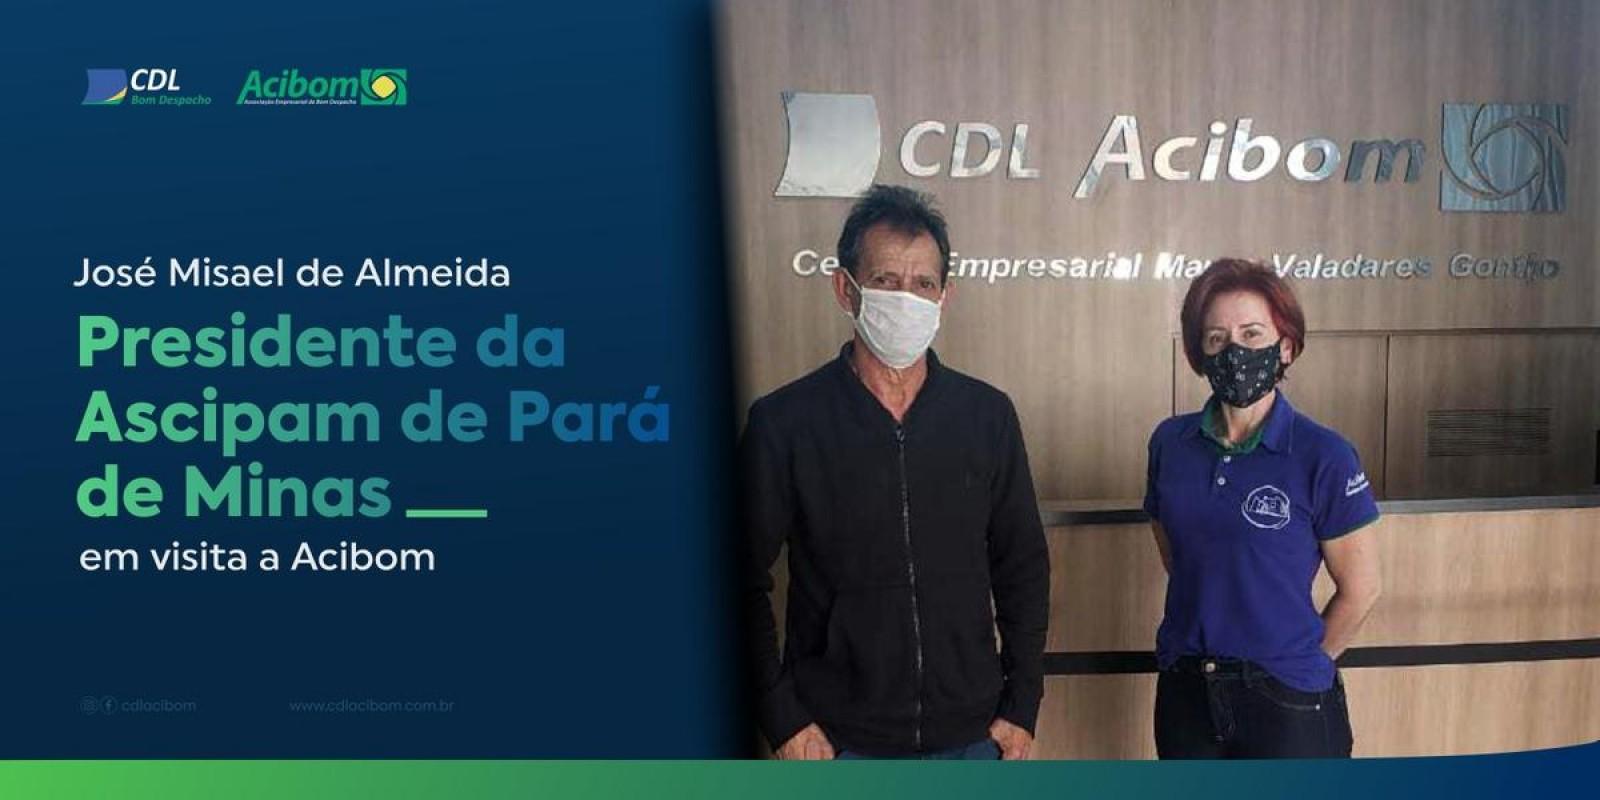 Presidente da Associação Comercial de Pará de Minas/Ascipam, José Misael de Almeida, visitou a sede da CDL Acibom como parceiro e associado